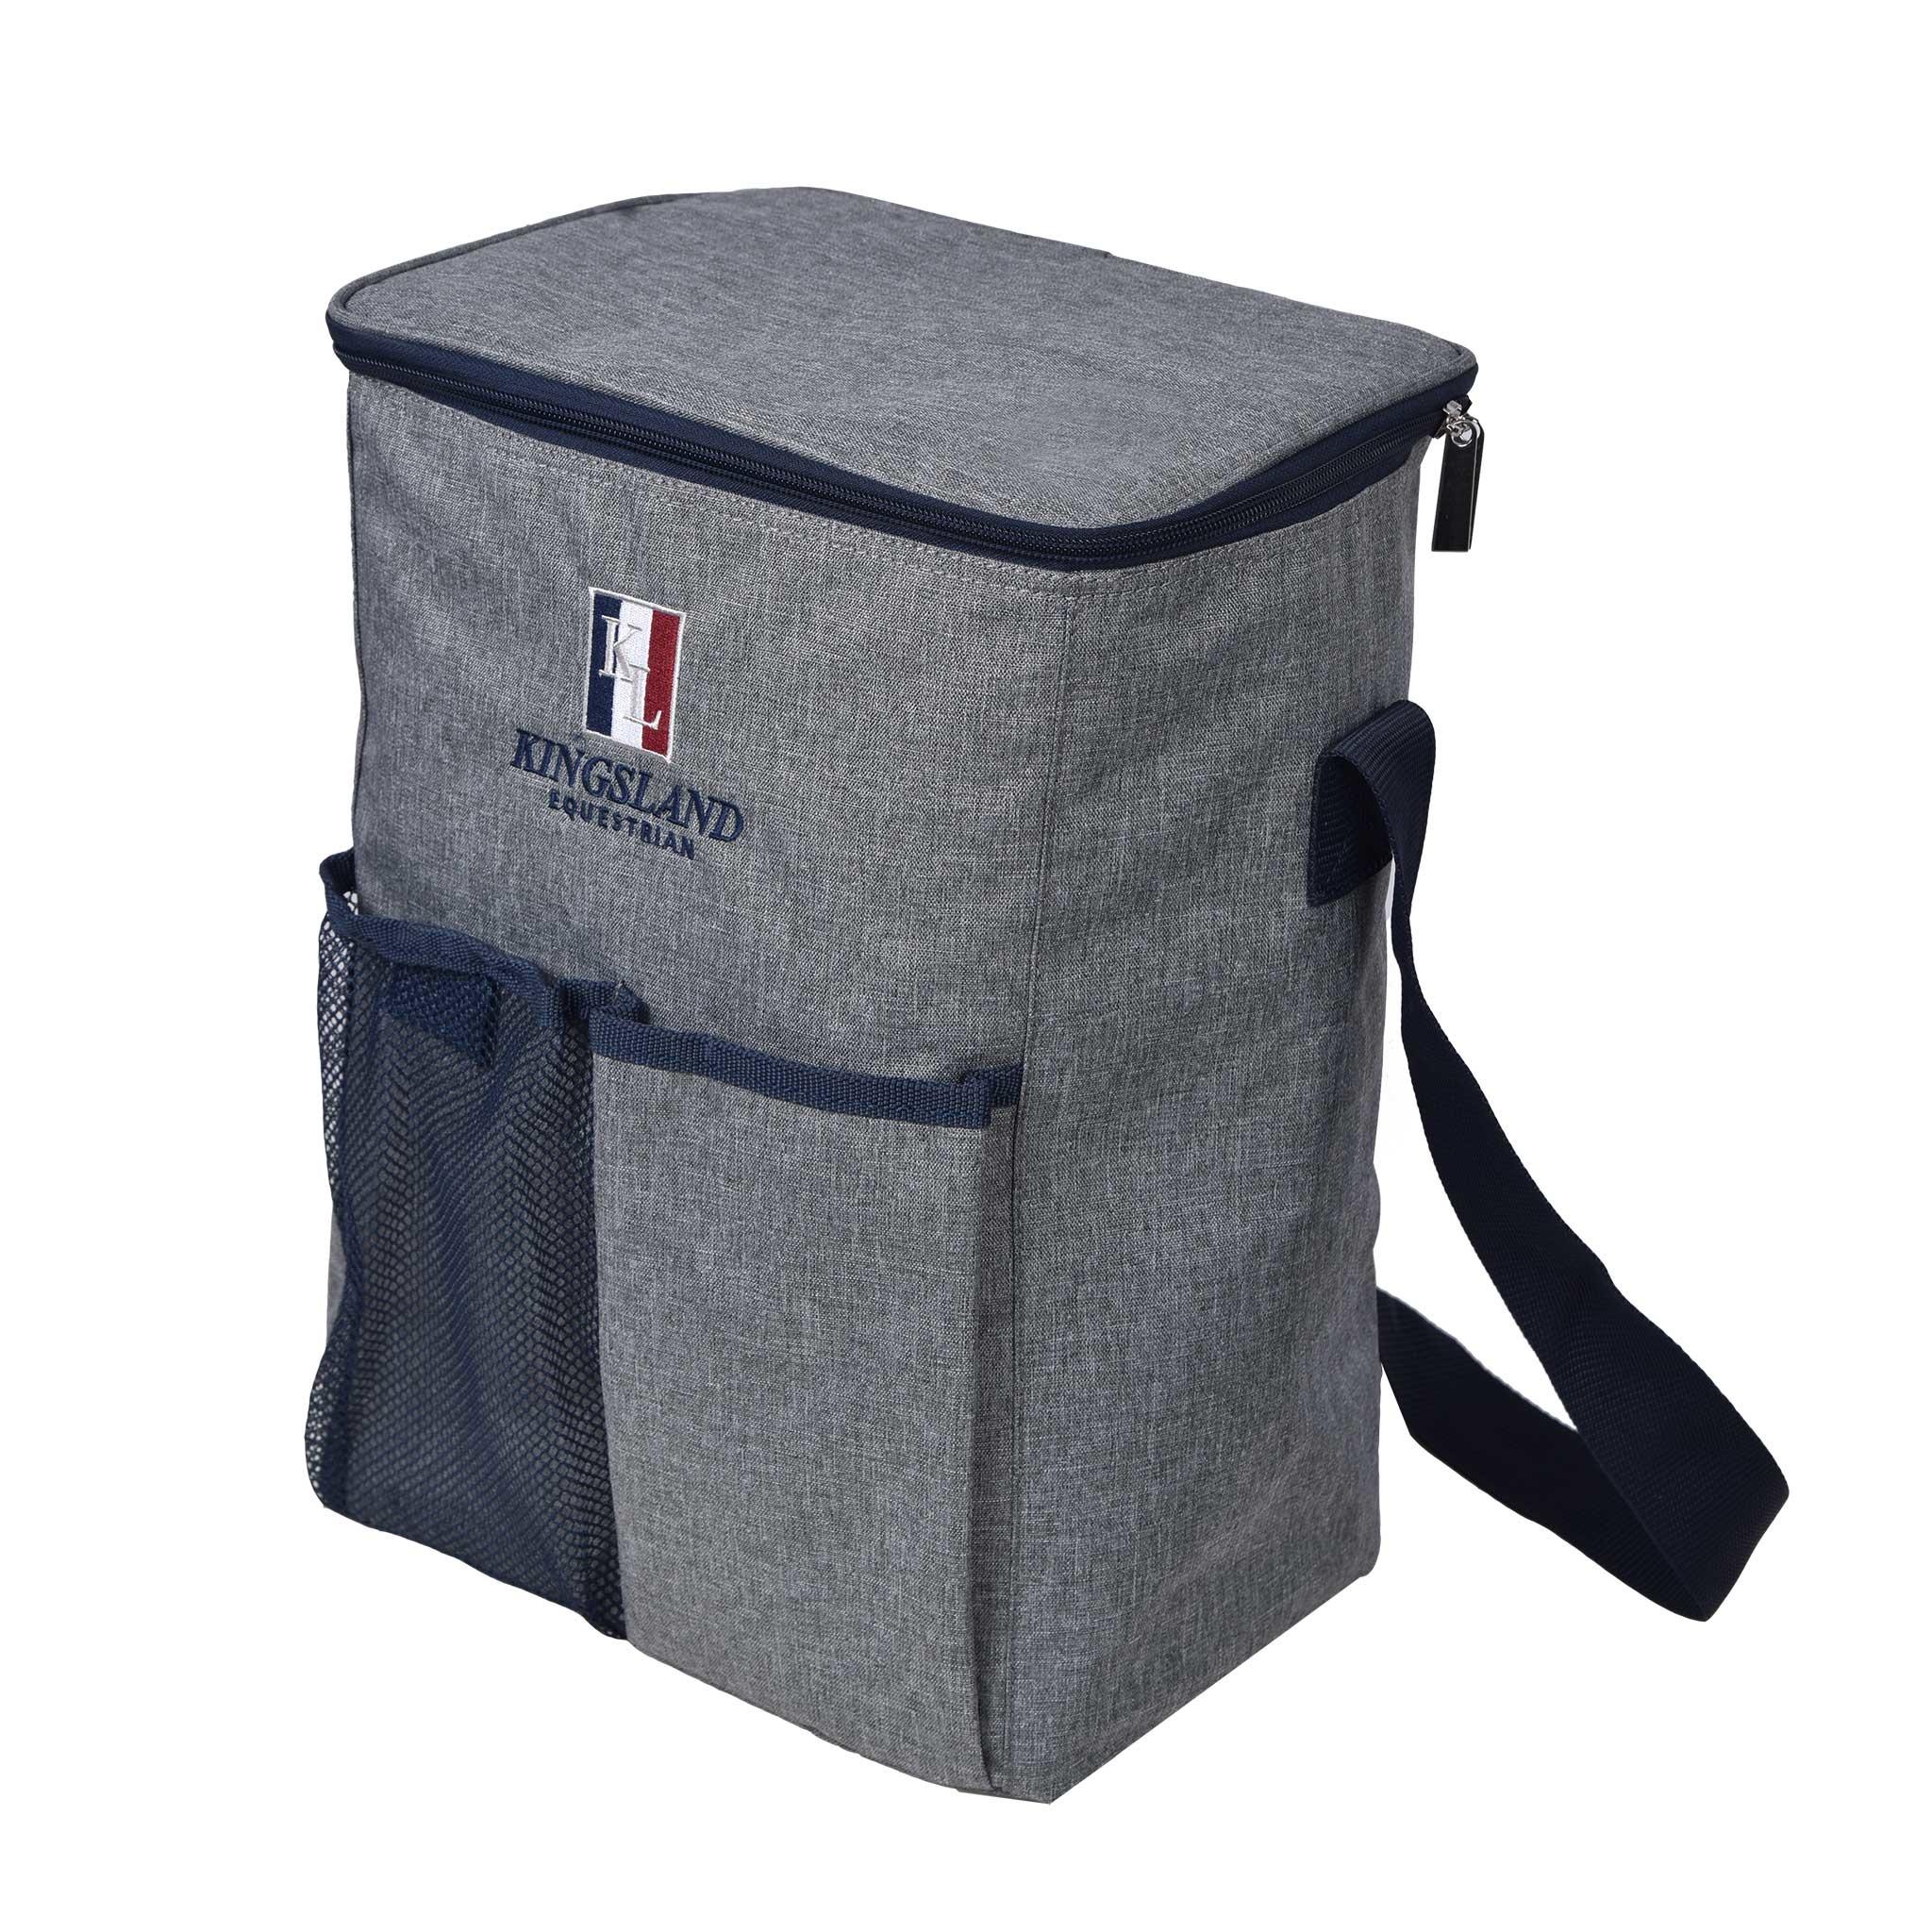 KINGSLAND KINGSLAND taine cooling bag grey